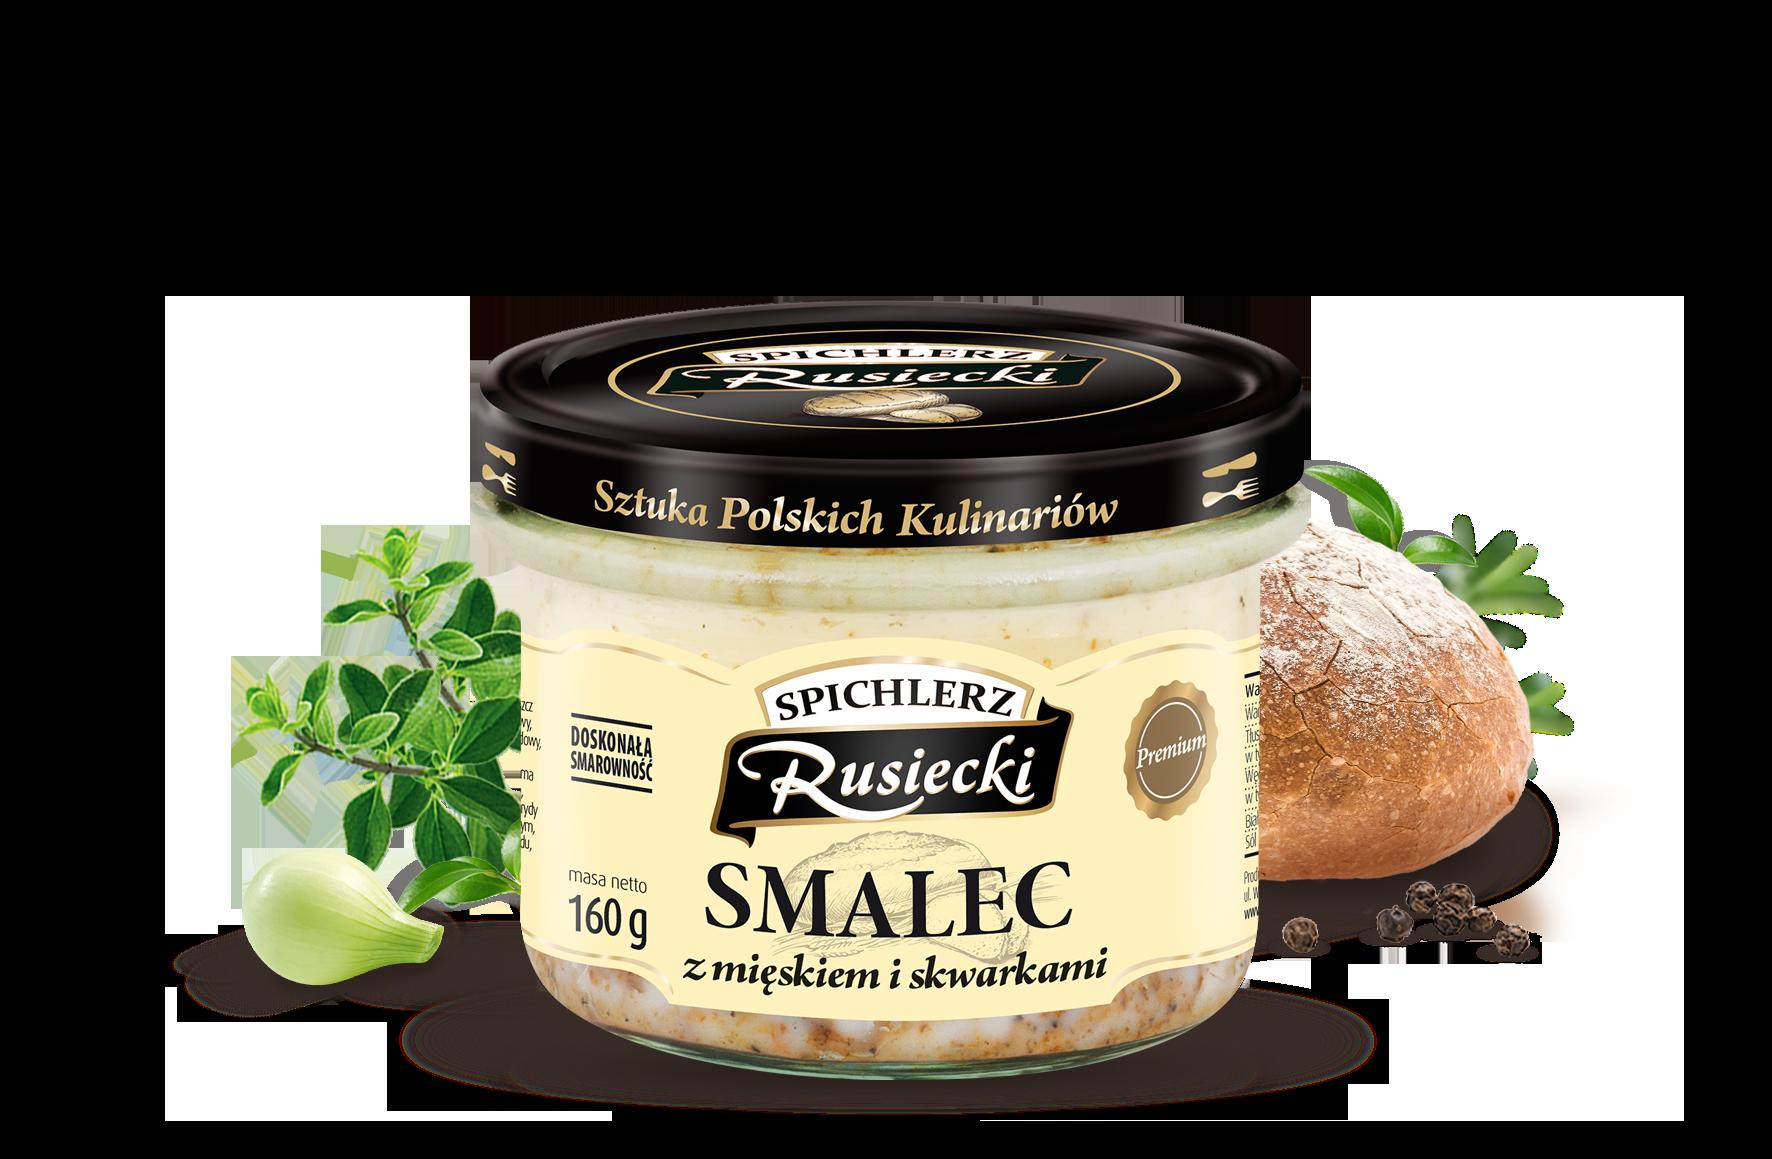 Spichlerz Rusiecki Altpolnischer Schmalz mit Fleisch und Grieben in Glas 160 g